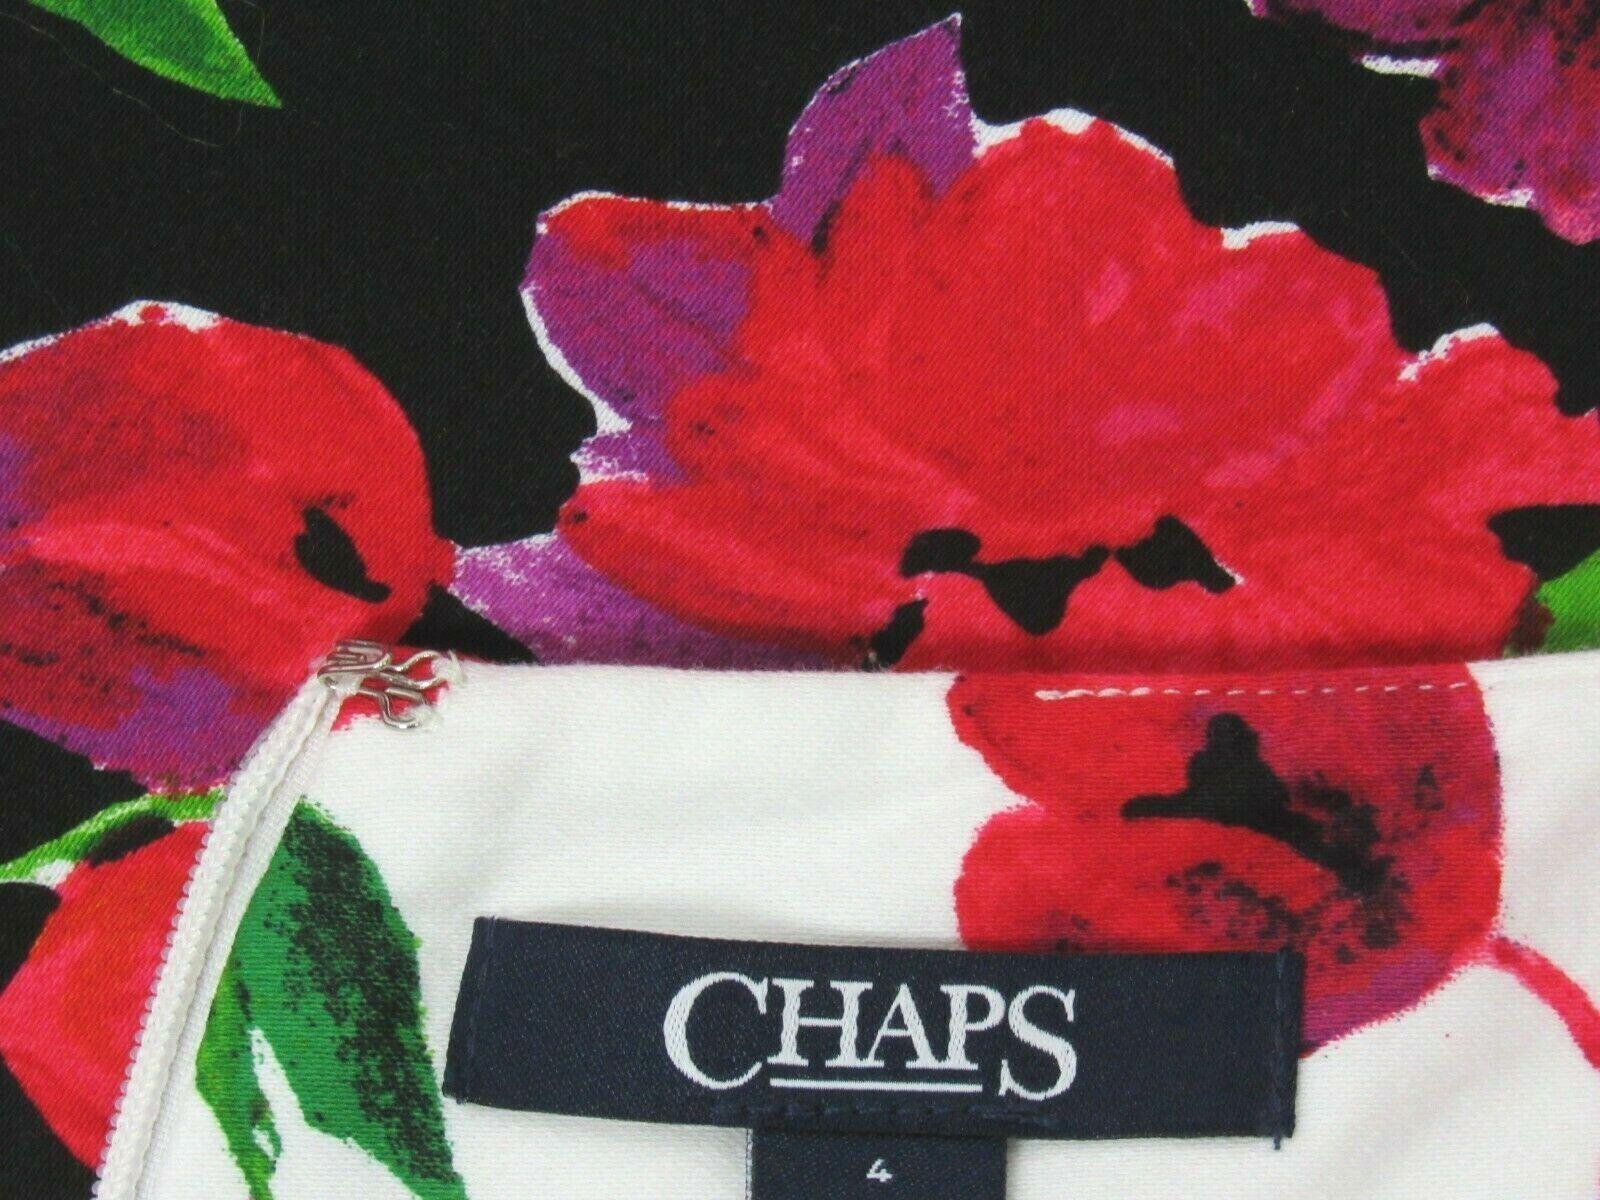 VTG 1980s 90s CHAPS RALPH LAUREN FLORAL DRESS SIZ… - image 7